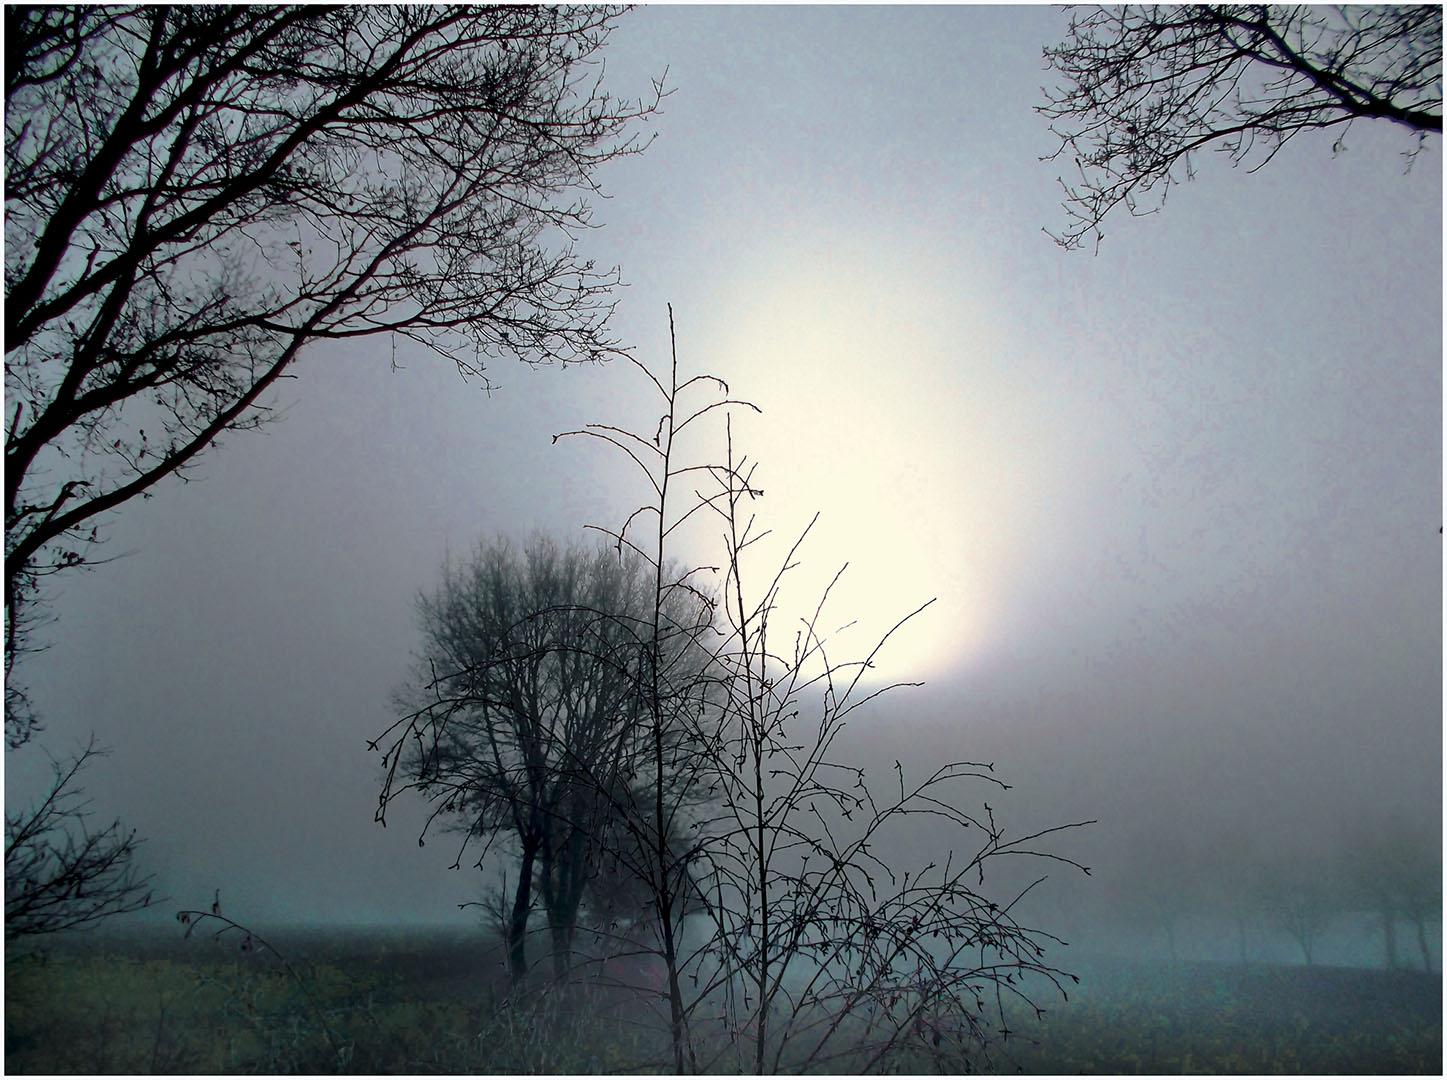 Dreams_251_M13.1-48